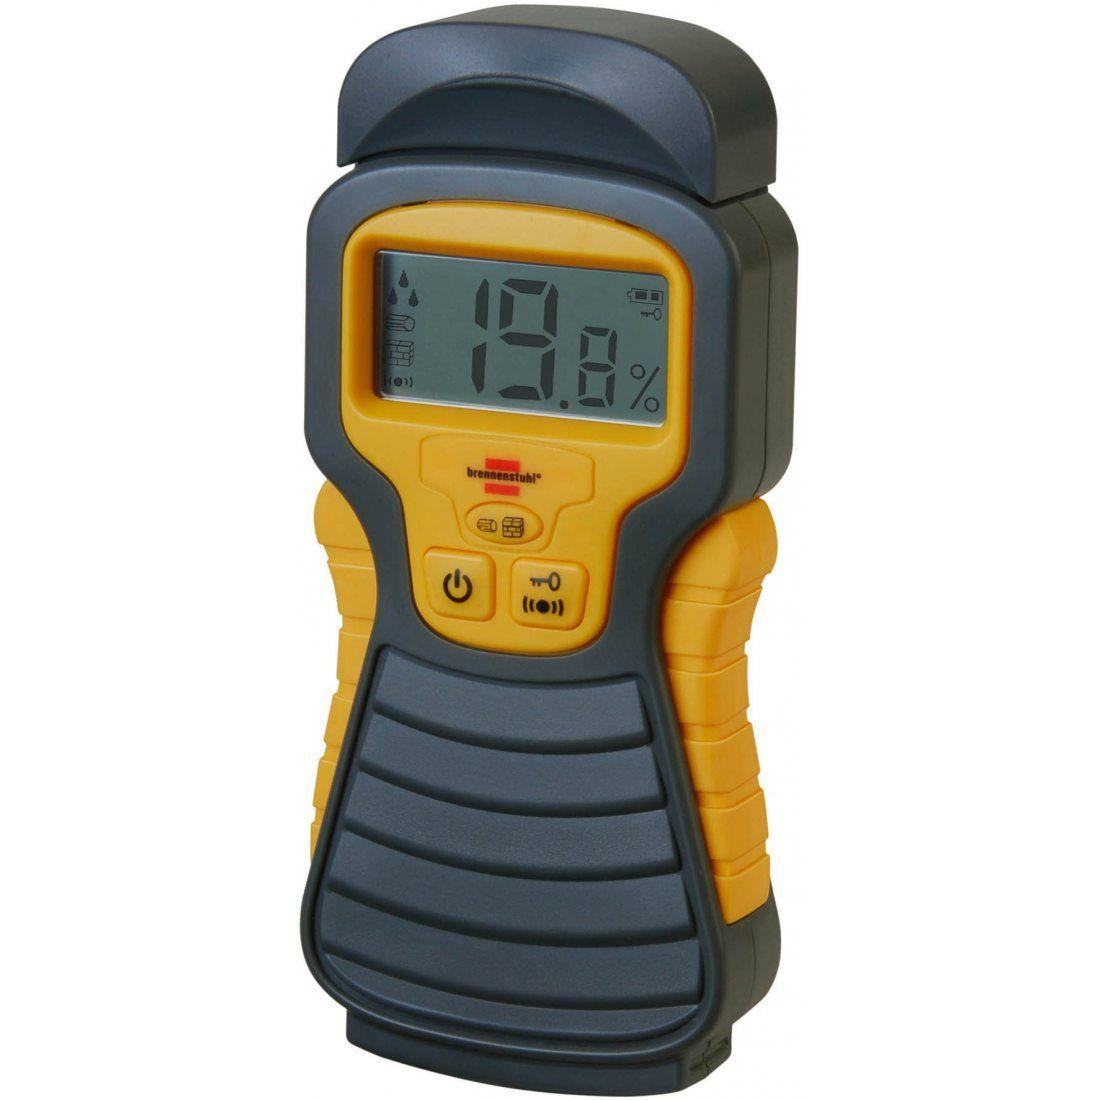 Brennenstuhl Détecteur d'humidité pour divers matériaux, humidimètre avec affichage digital LCD & signal sonore, anthracite &